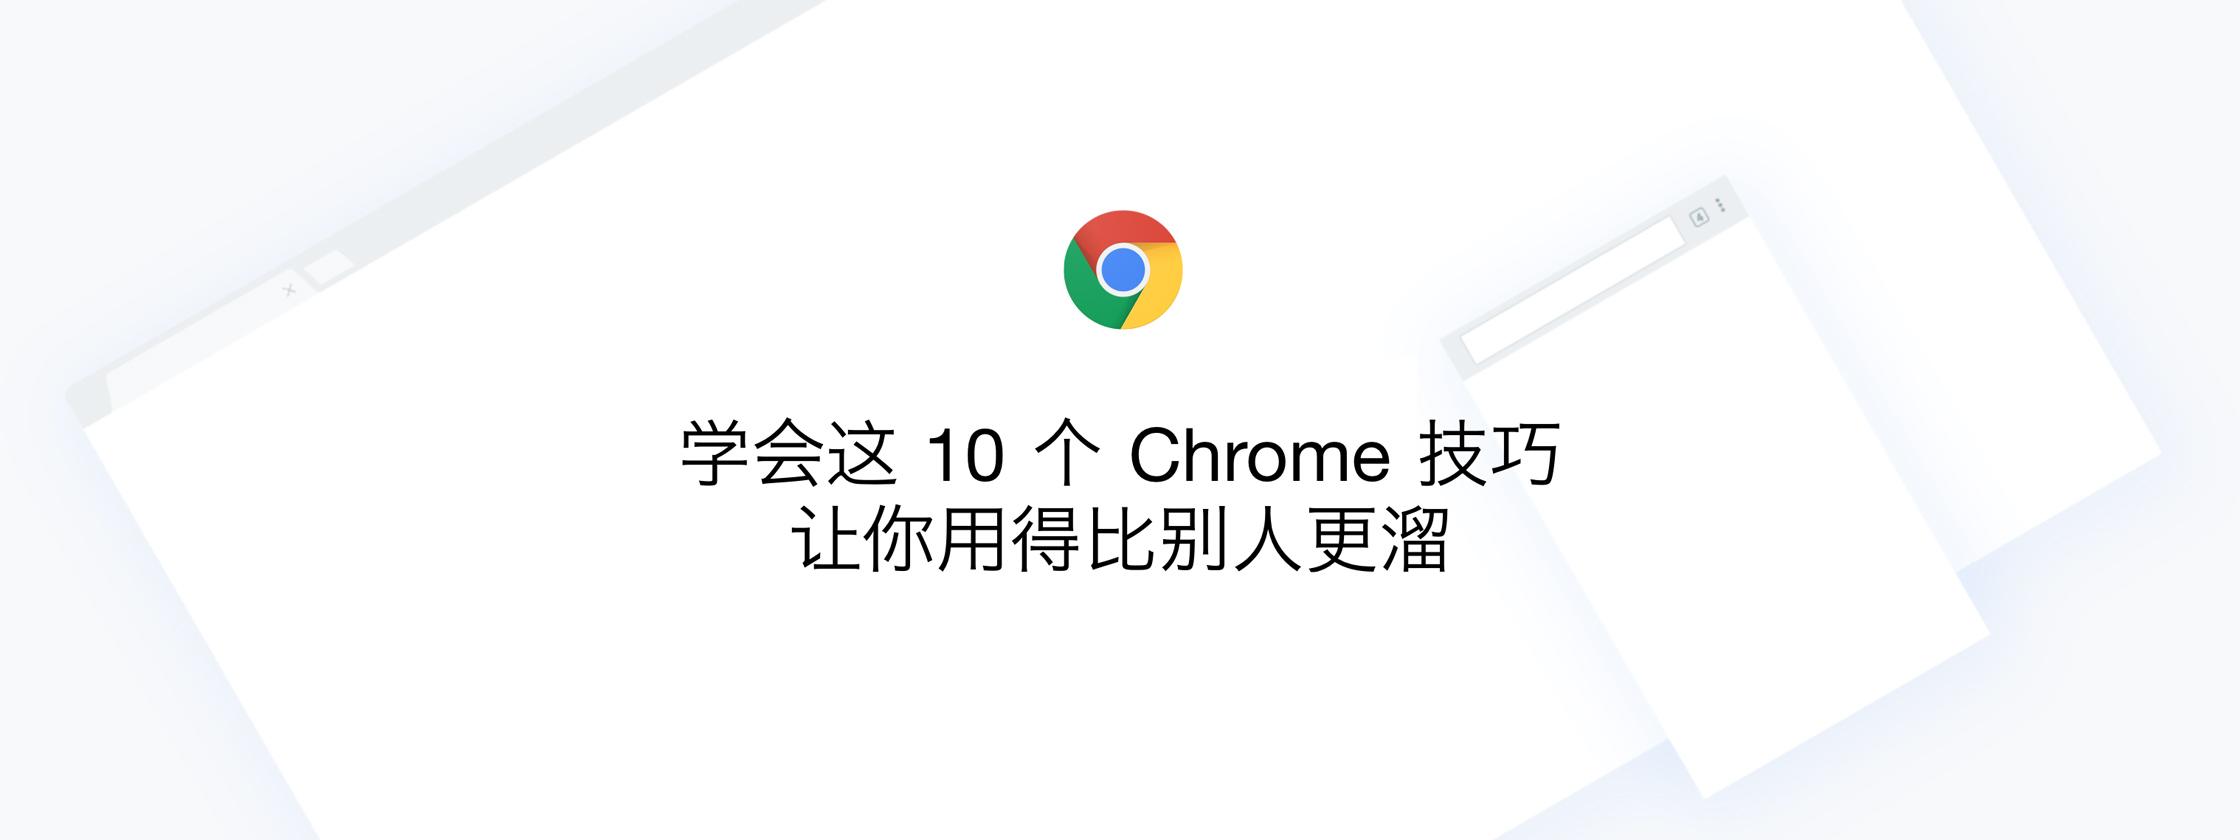 学会这 10 个 Chrome 技巧,让你用得比别人更溜